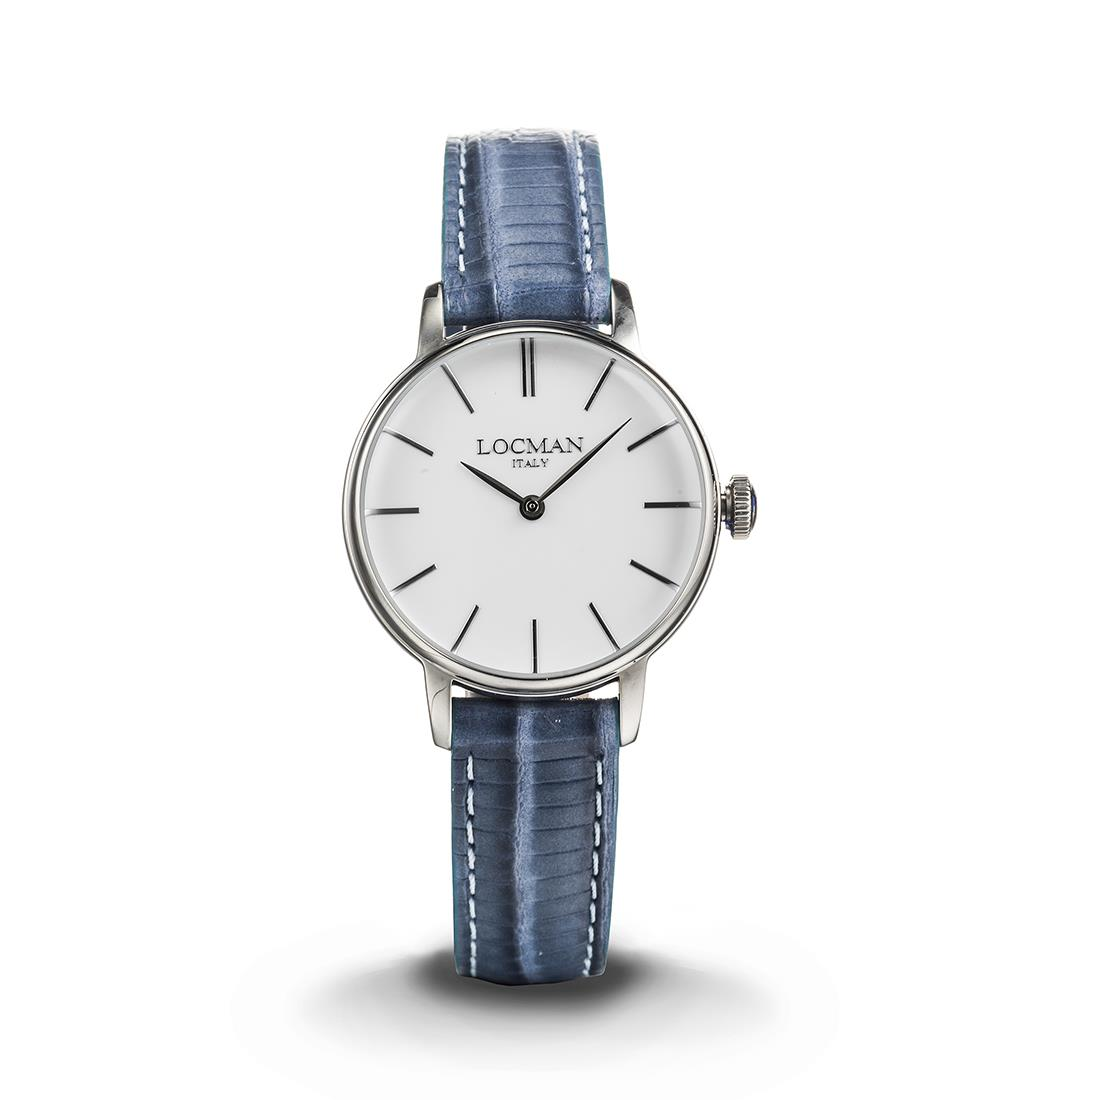 Reloj con caja de 32 mm - LOCMAN